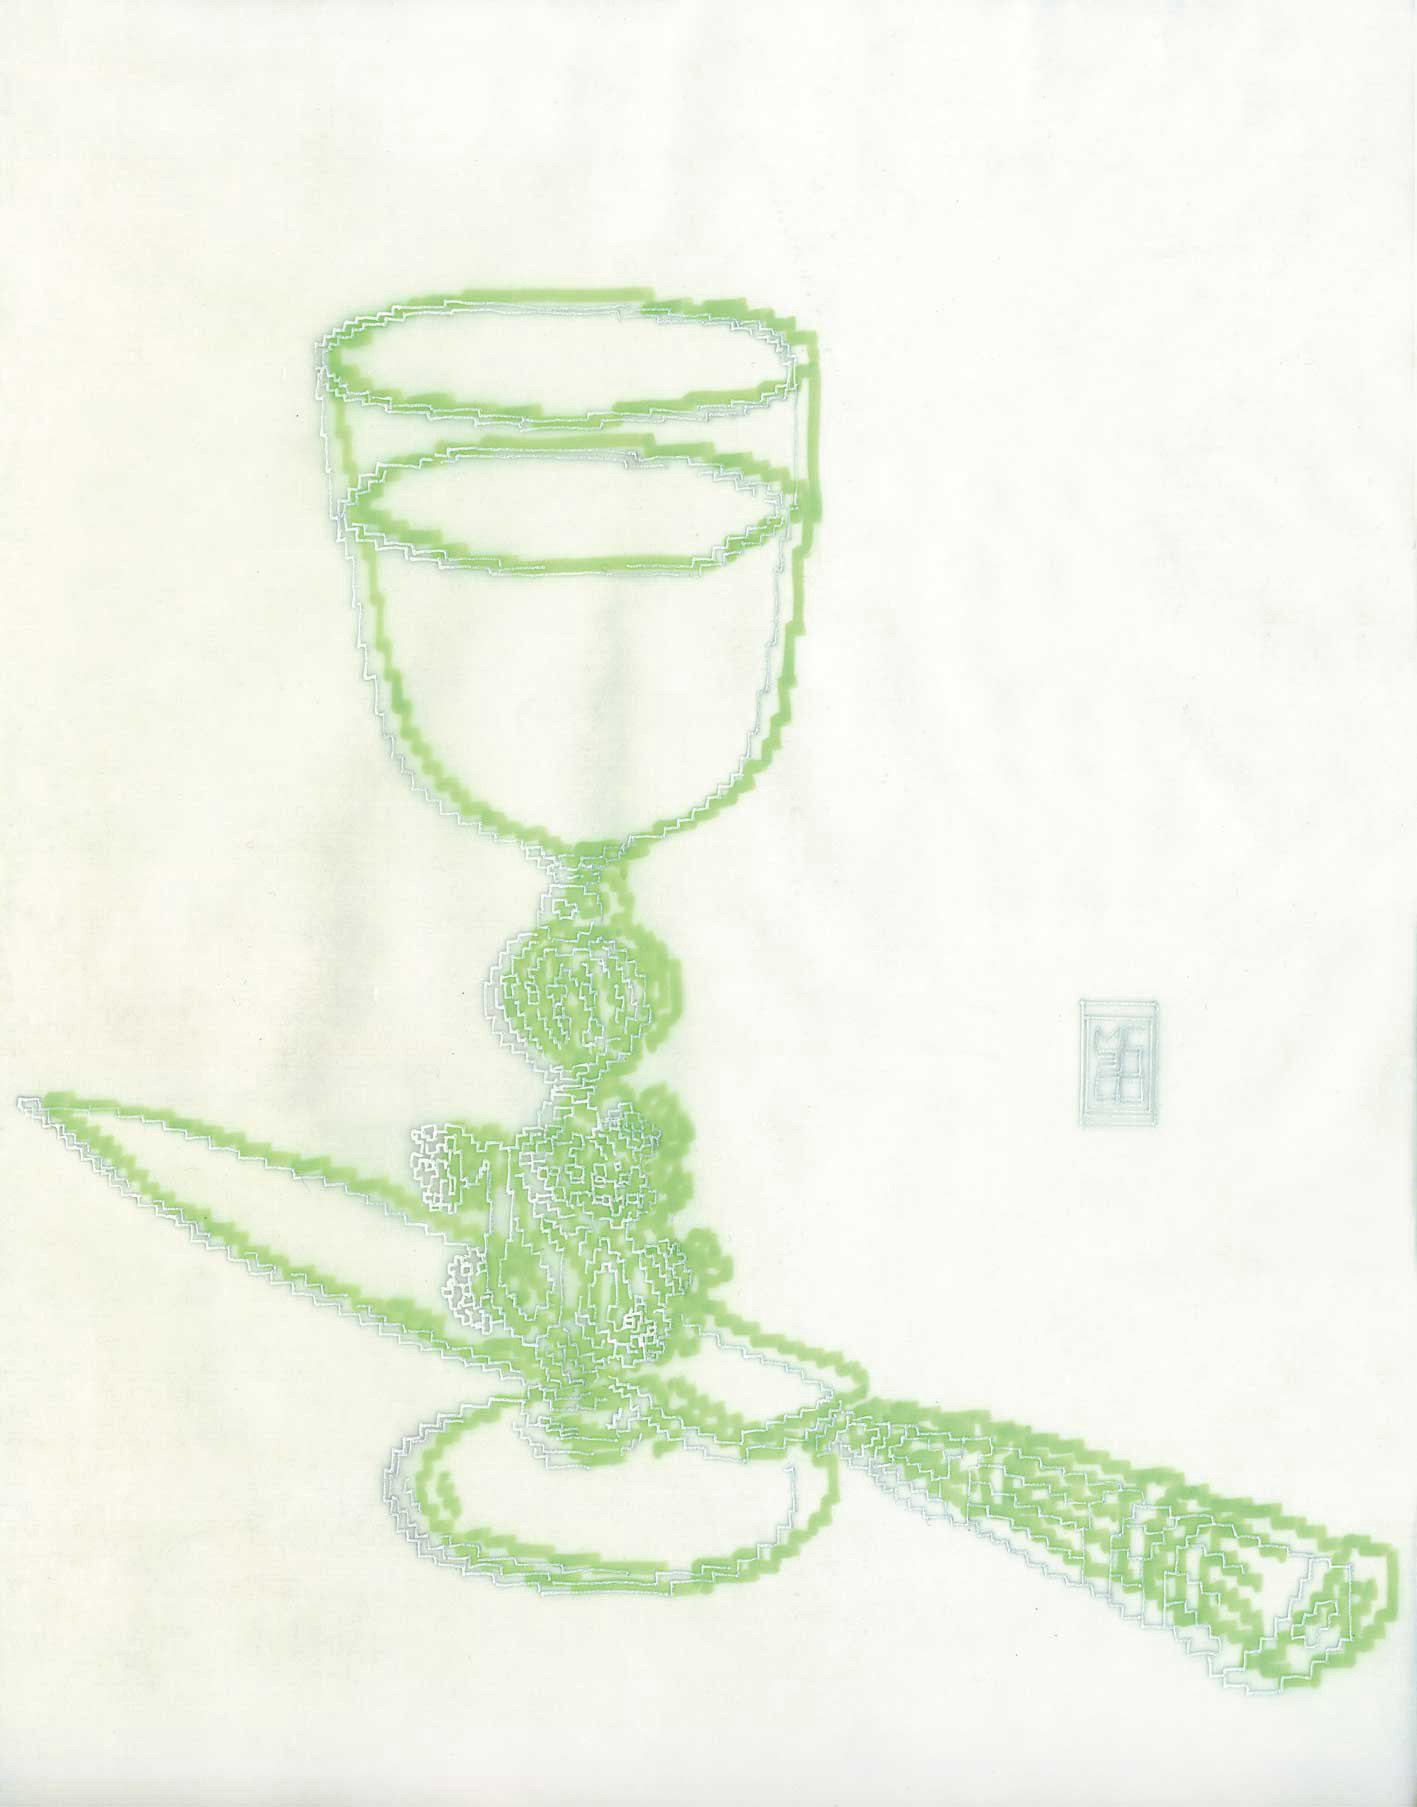 Michele Chiossi Fée Verte, 2000 evidenziatore, pigmenti d'argento, carta da lucido disegno zigzag pixel videogame calice Natura Morta coltello assenzio ebrezza sfuocato fuzzy